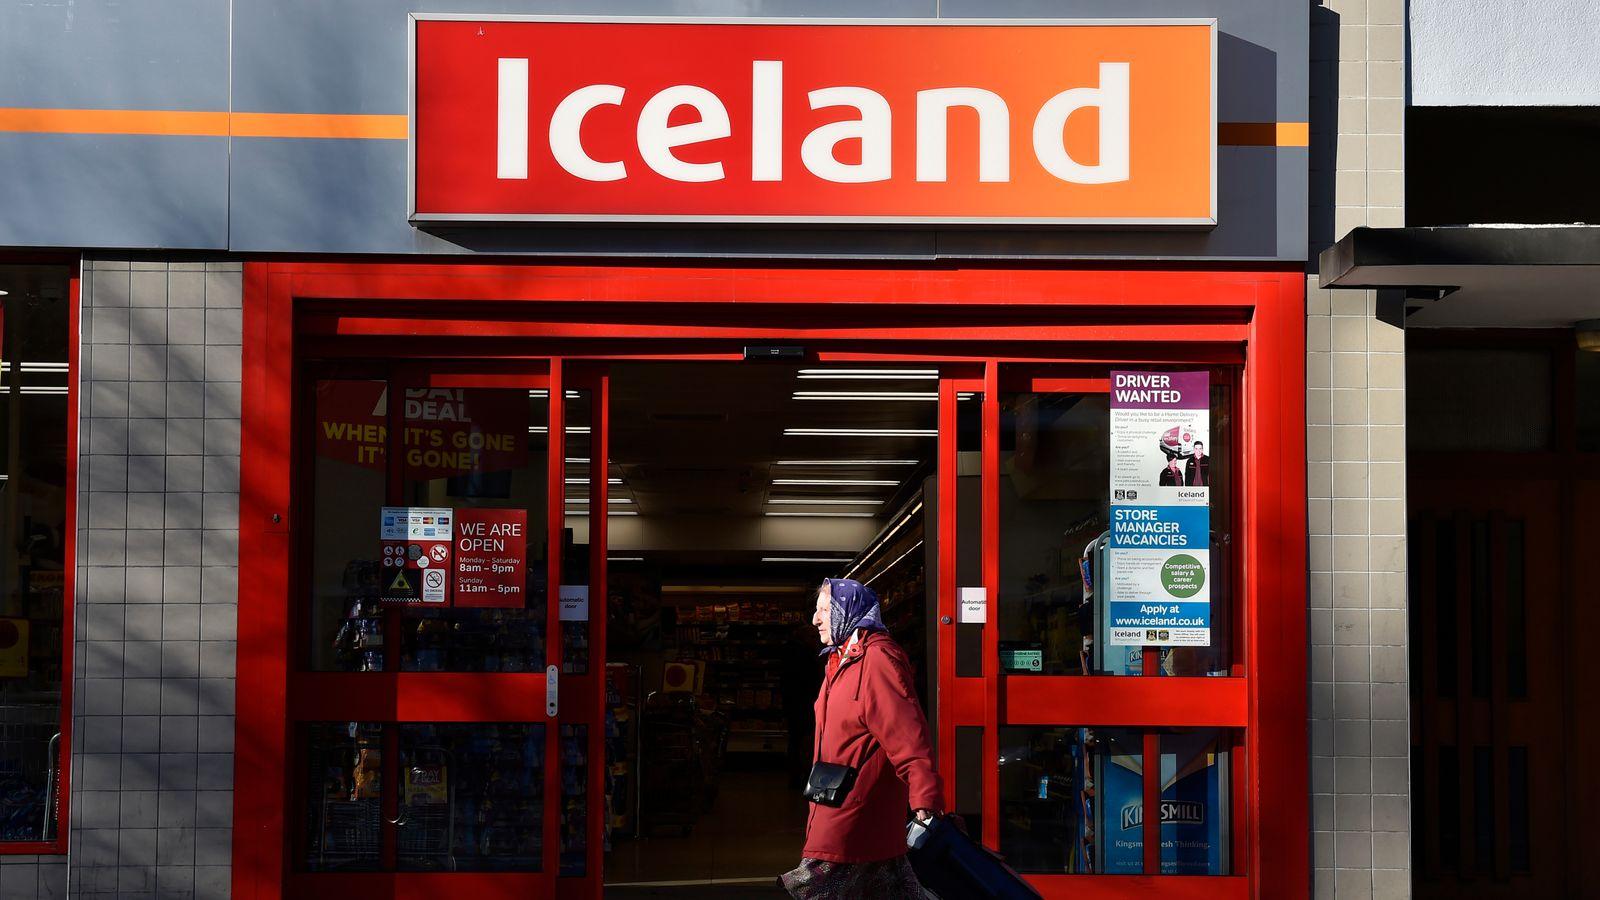 Iceland Christmas ad on orangutan plight banned for political rule breach